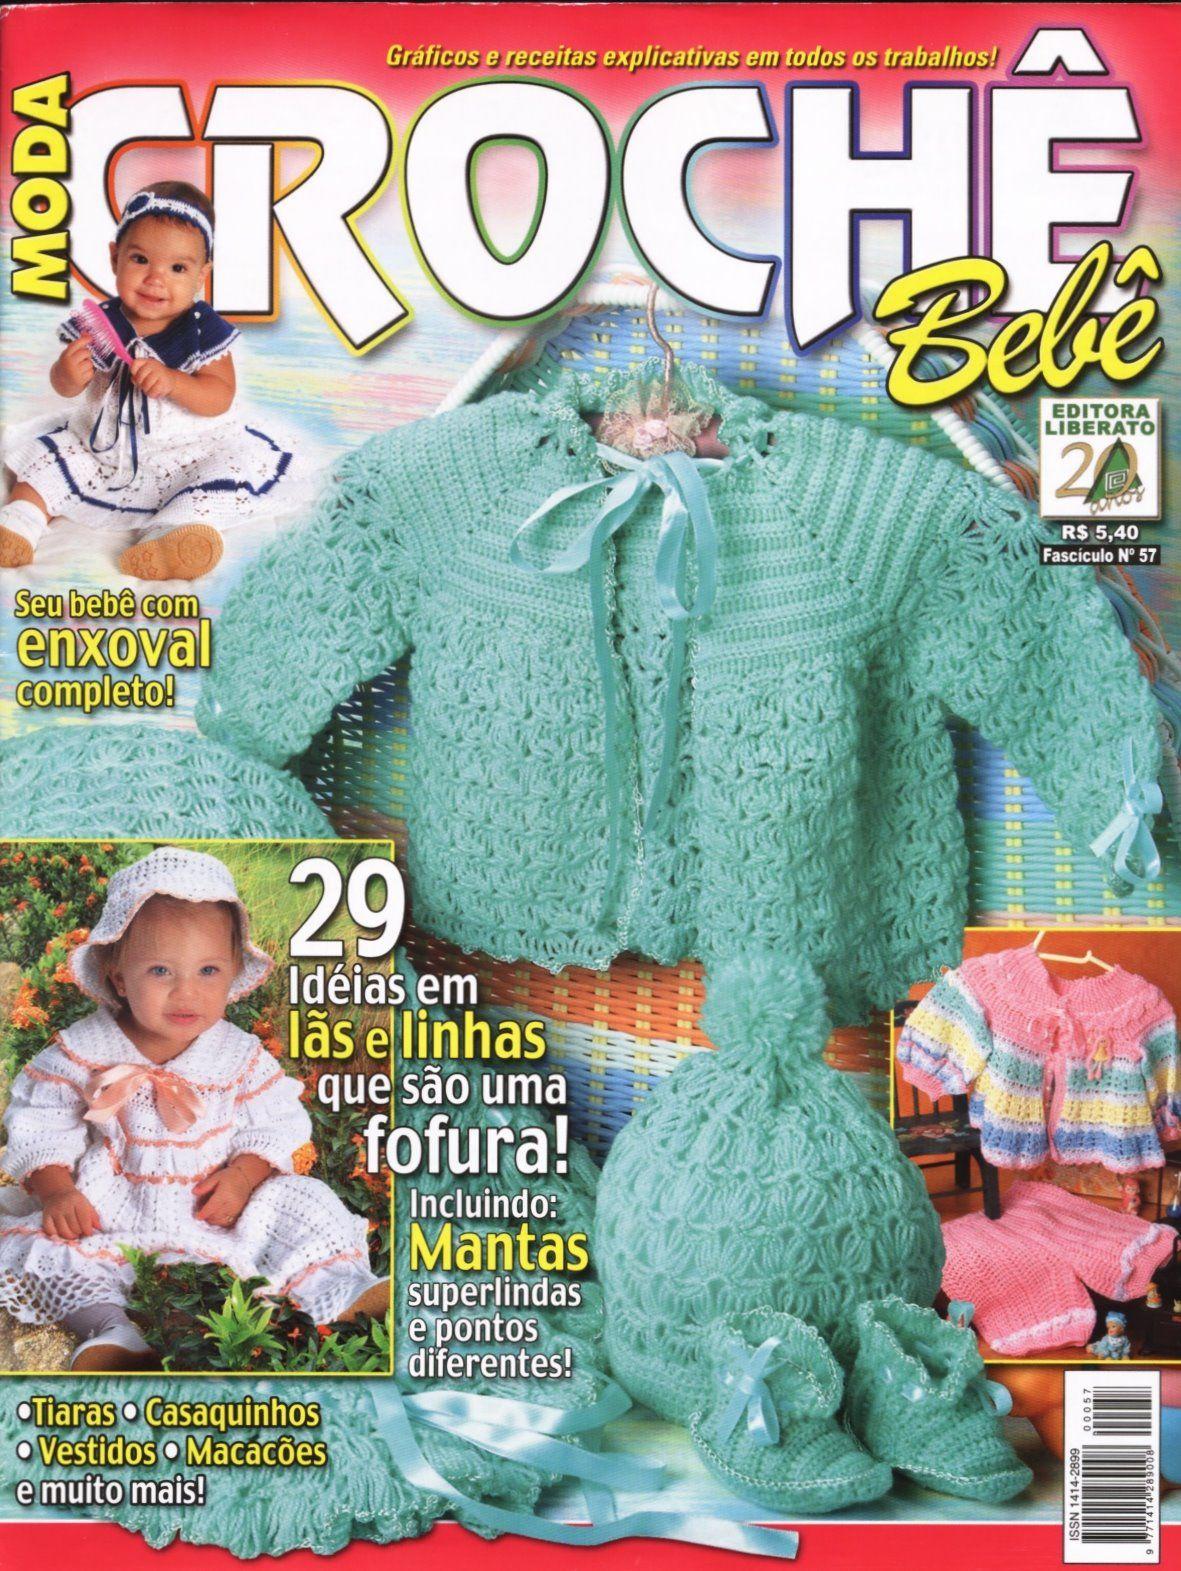 Receita Trico Fácil Revista MODA CROCHÊ BEBÊ Graficos receitas explicativas  em todos os trabalhos Seu bebê com o enxoval completo . 02553363c07